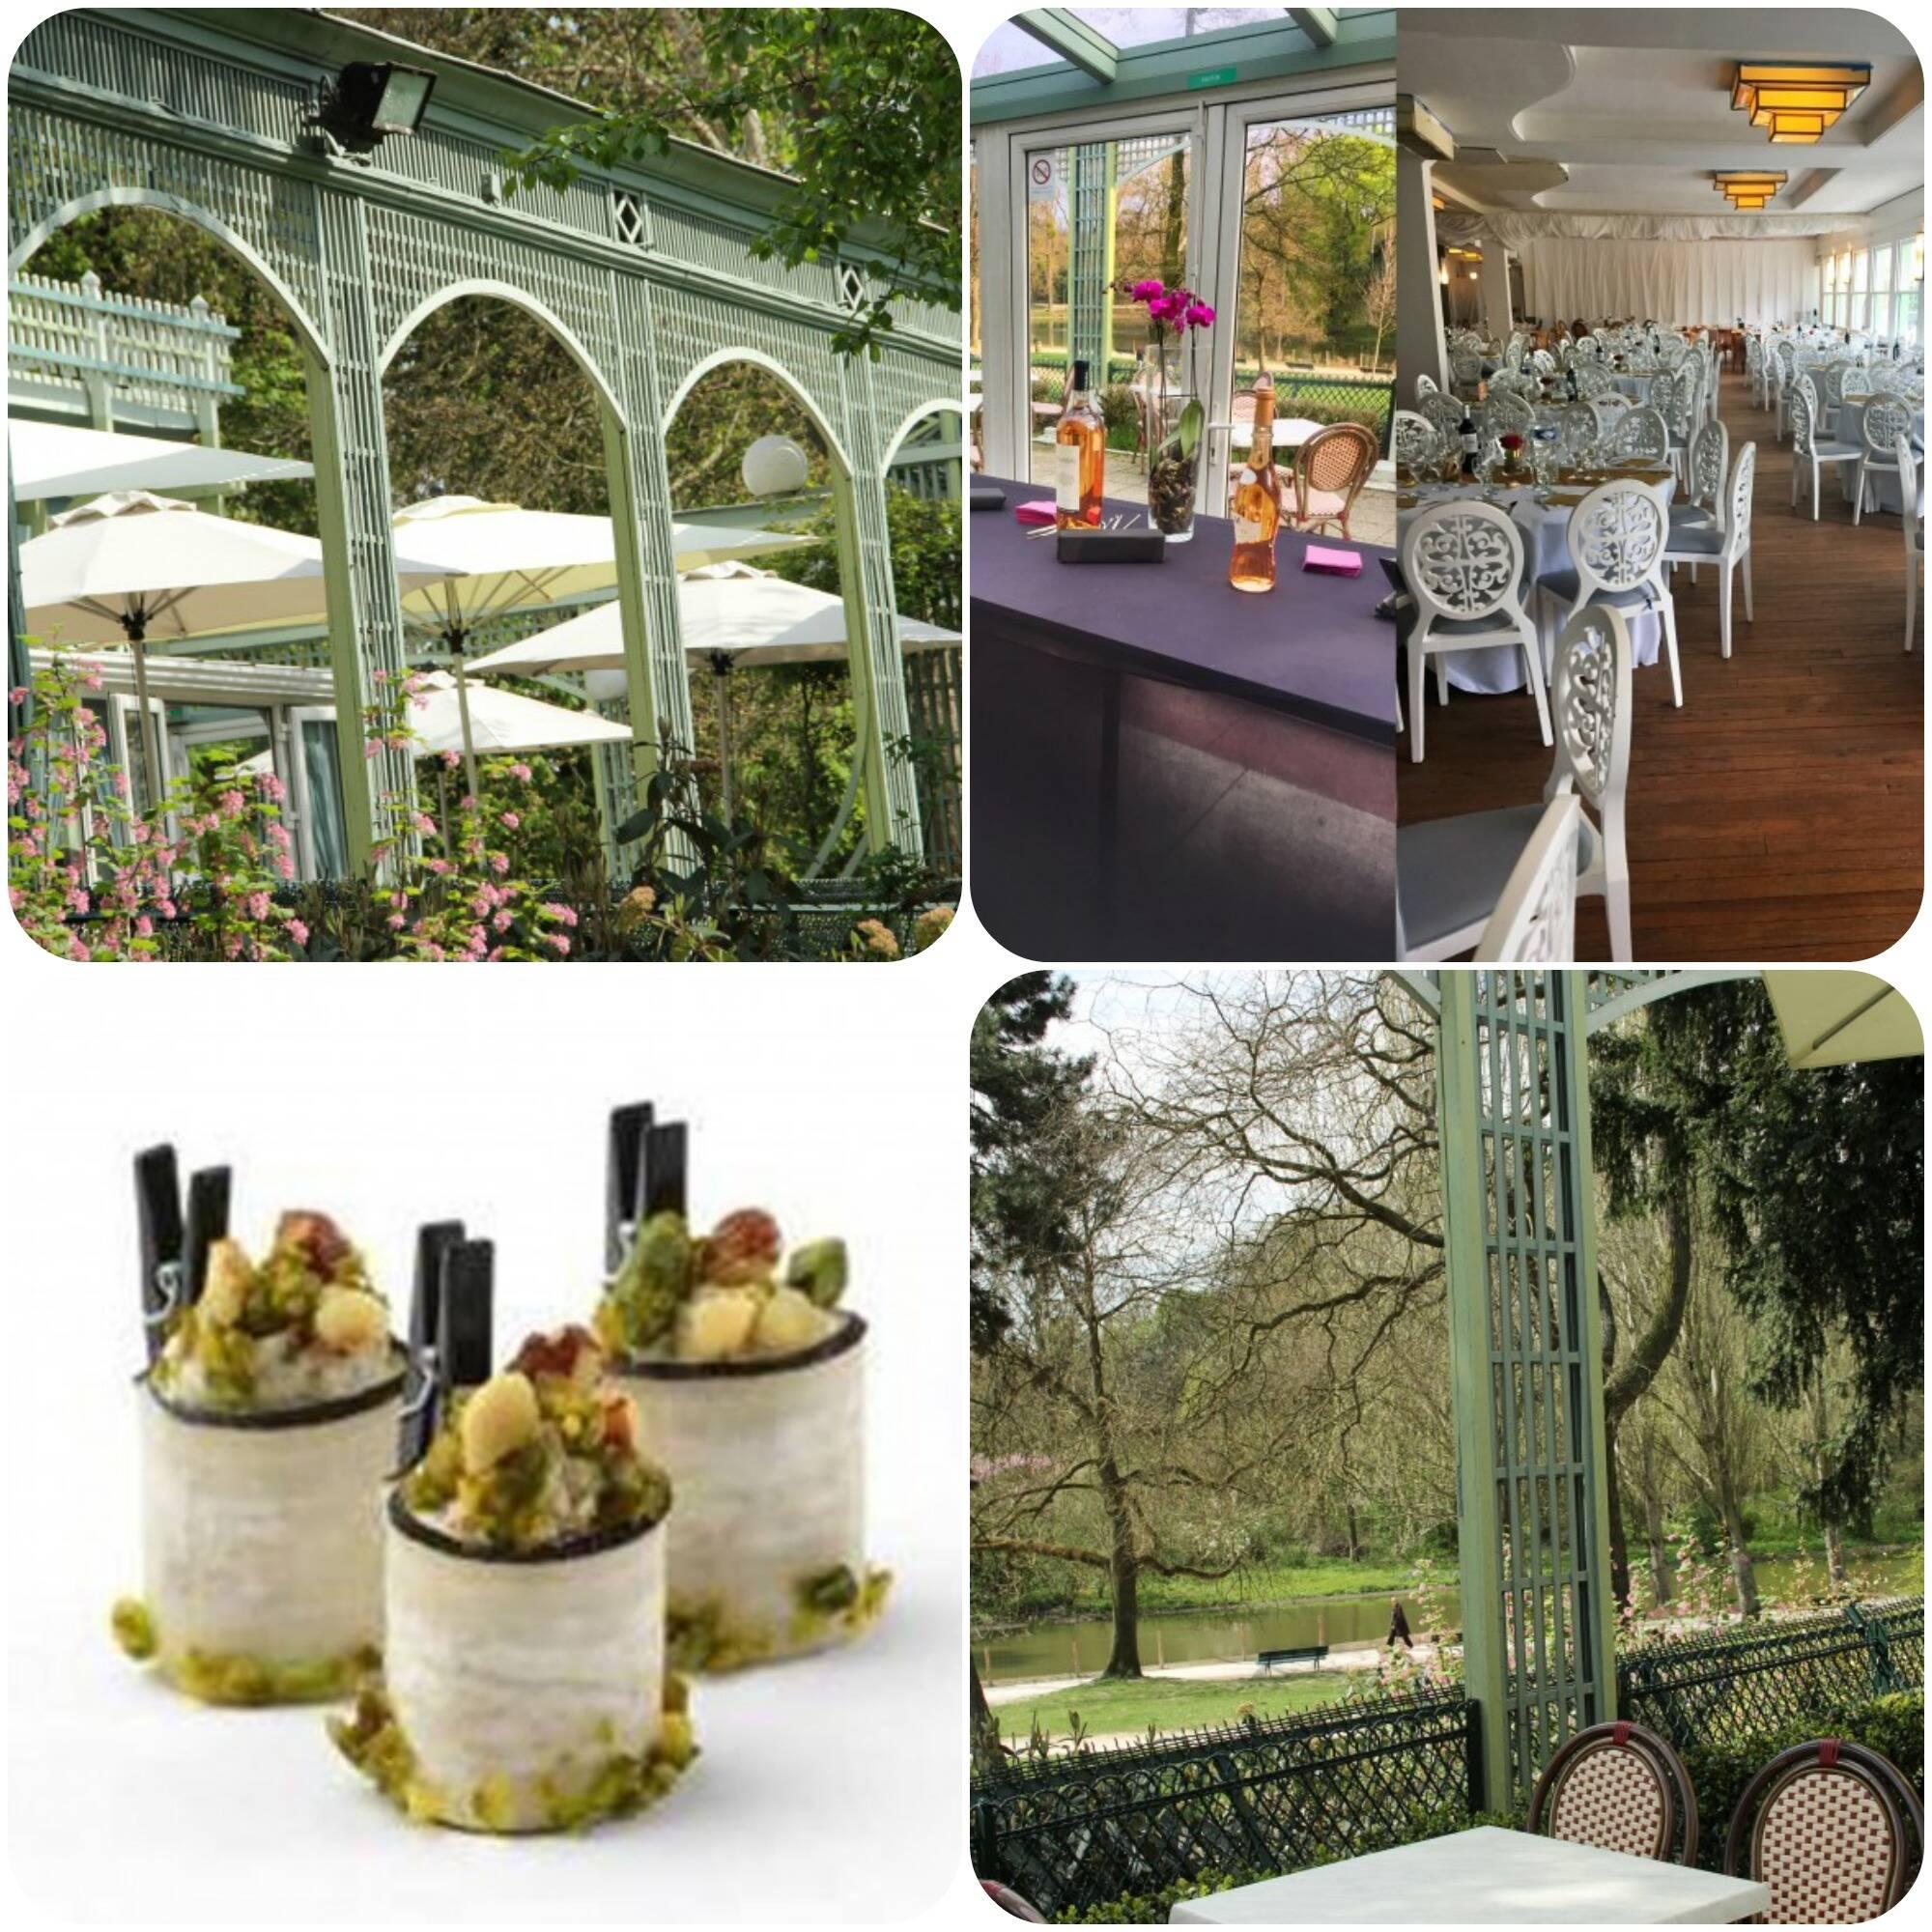 O restaurante  Chalet du Lac chega no Bois de Vincennes, perto do refrescante Lac de Saint Mandé, em Paris.